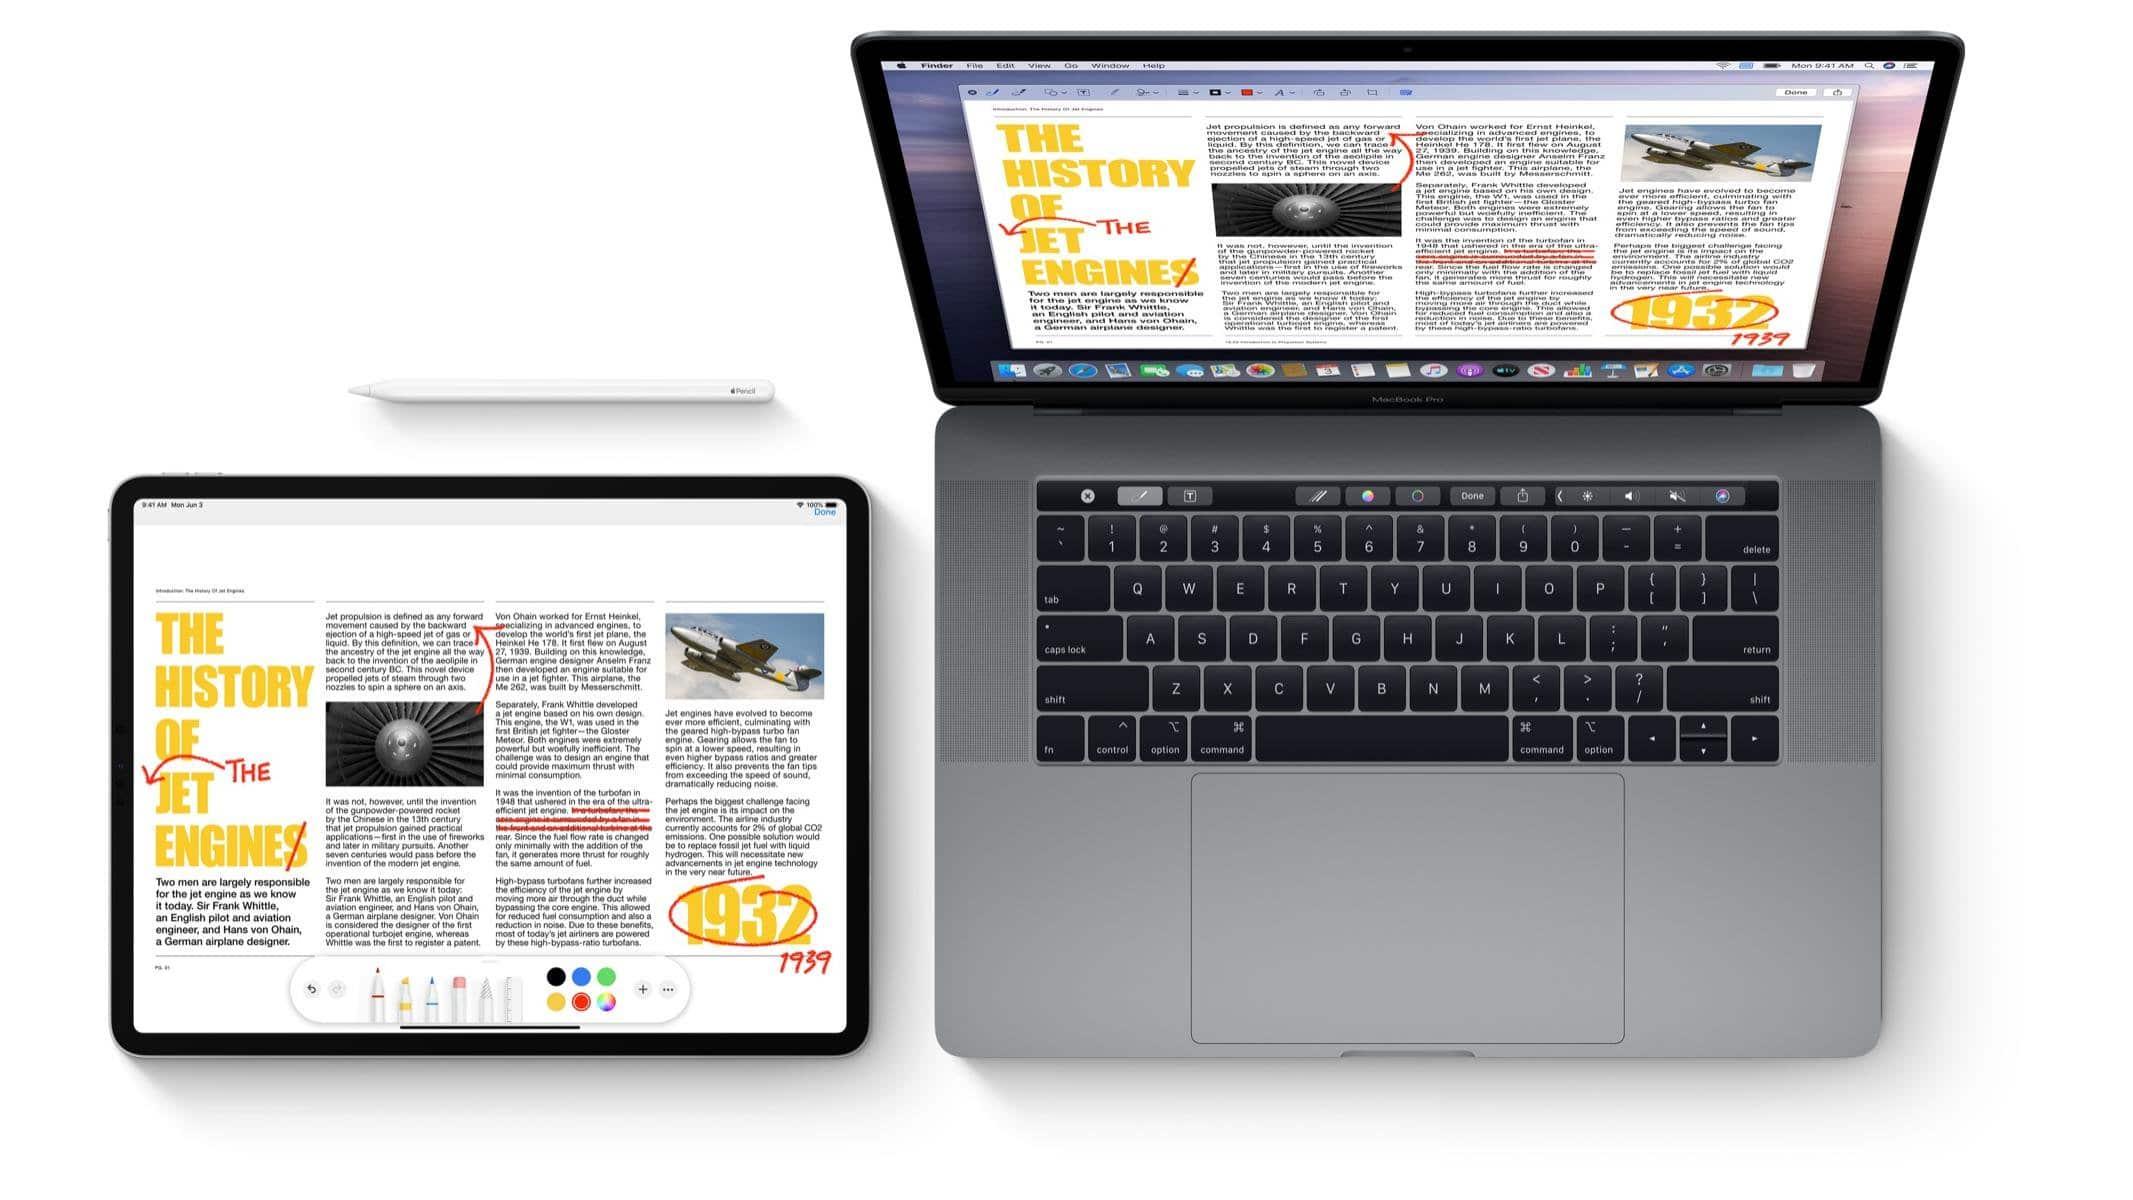 MacBook e iPad usando o Sidecar